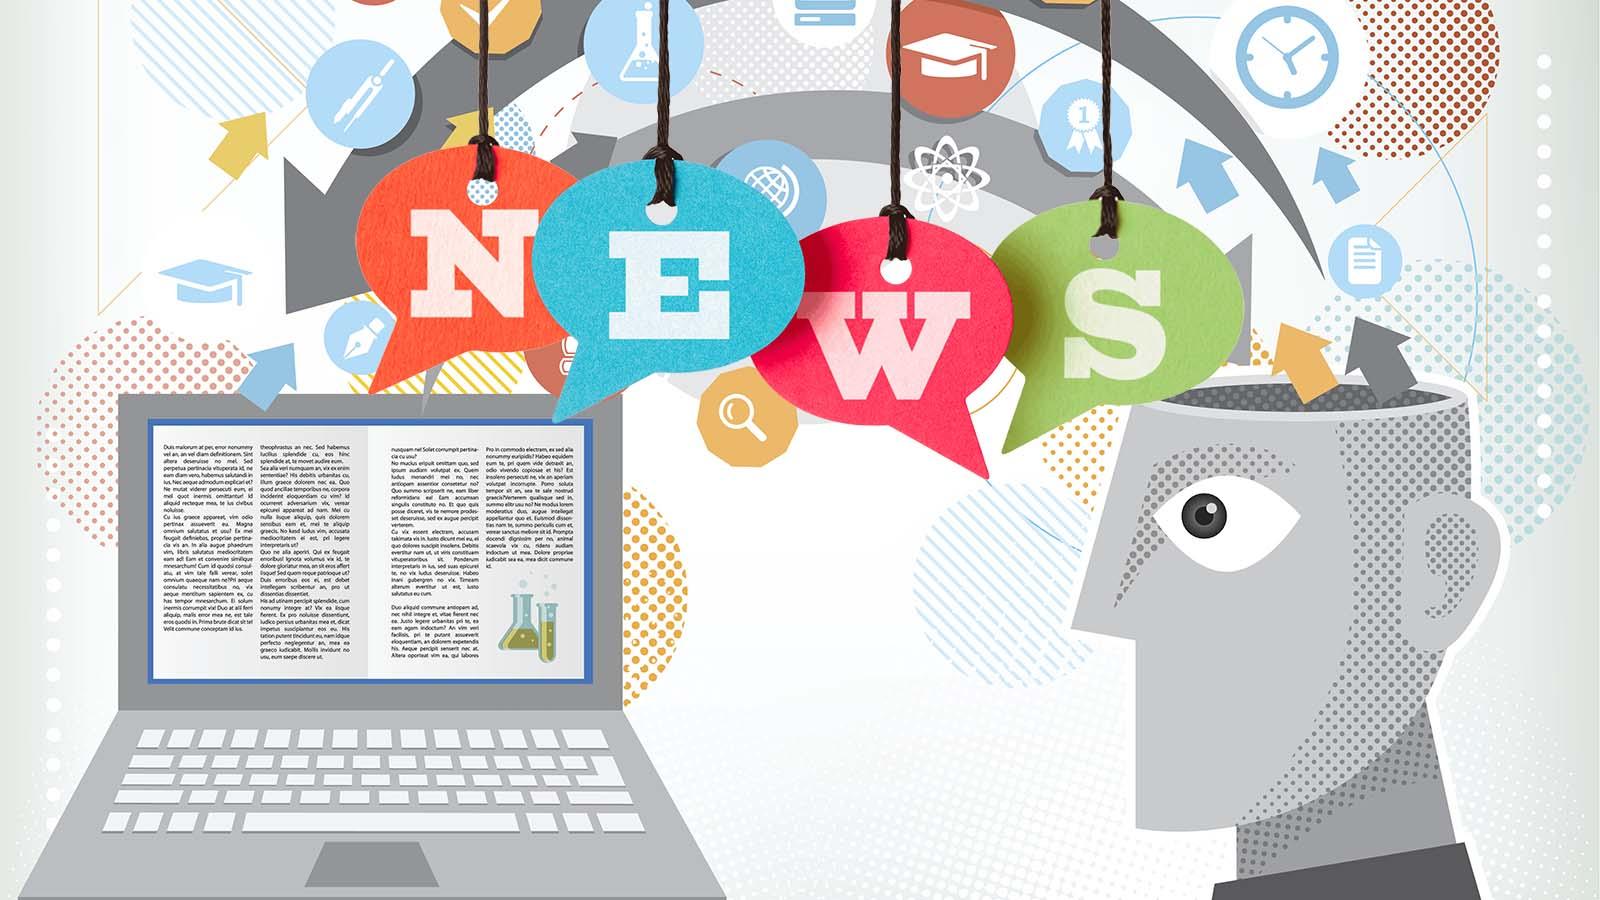 ranking newsow